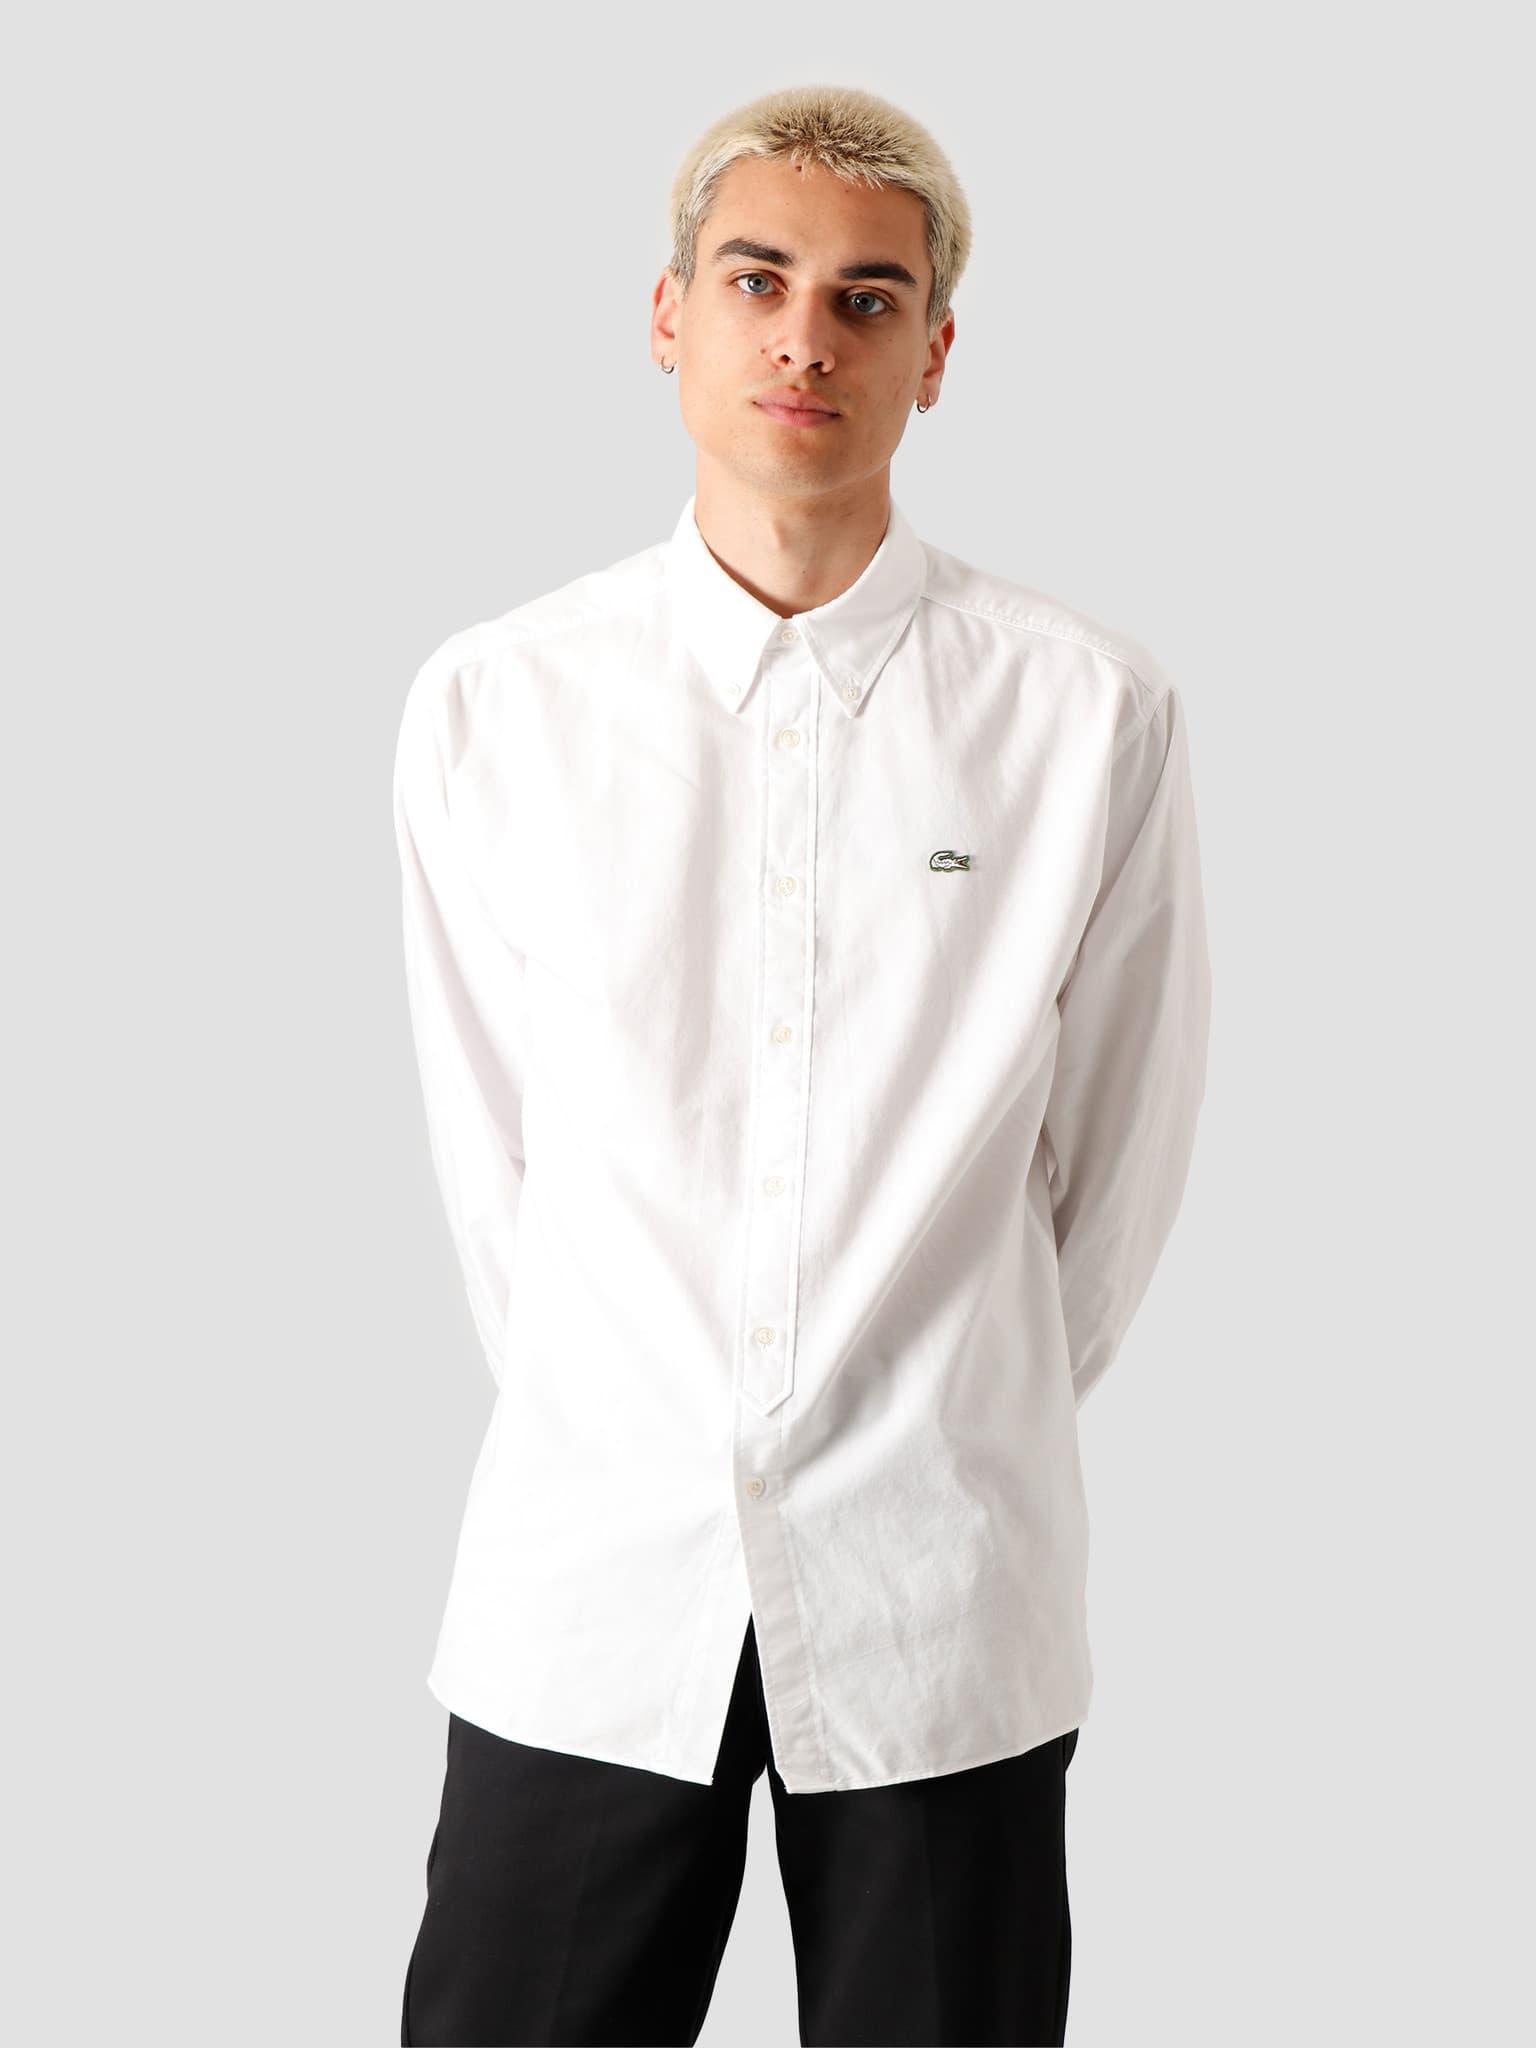 1HC2 Men's Long Sleeve woven shirt 02 White Flour CH3942-01